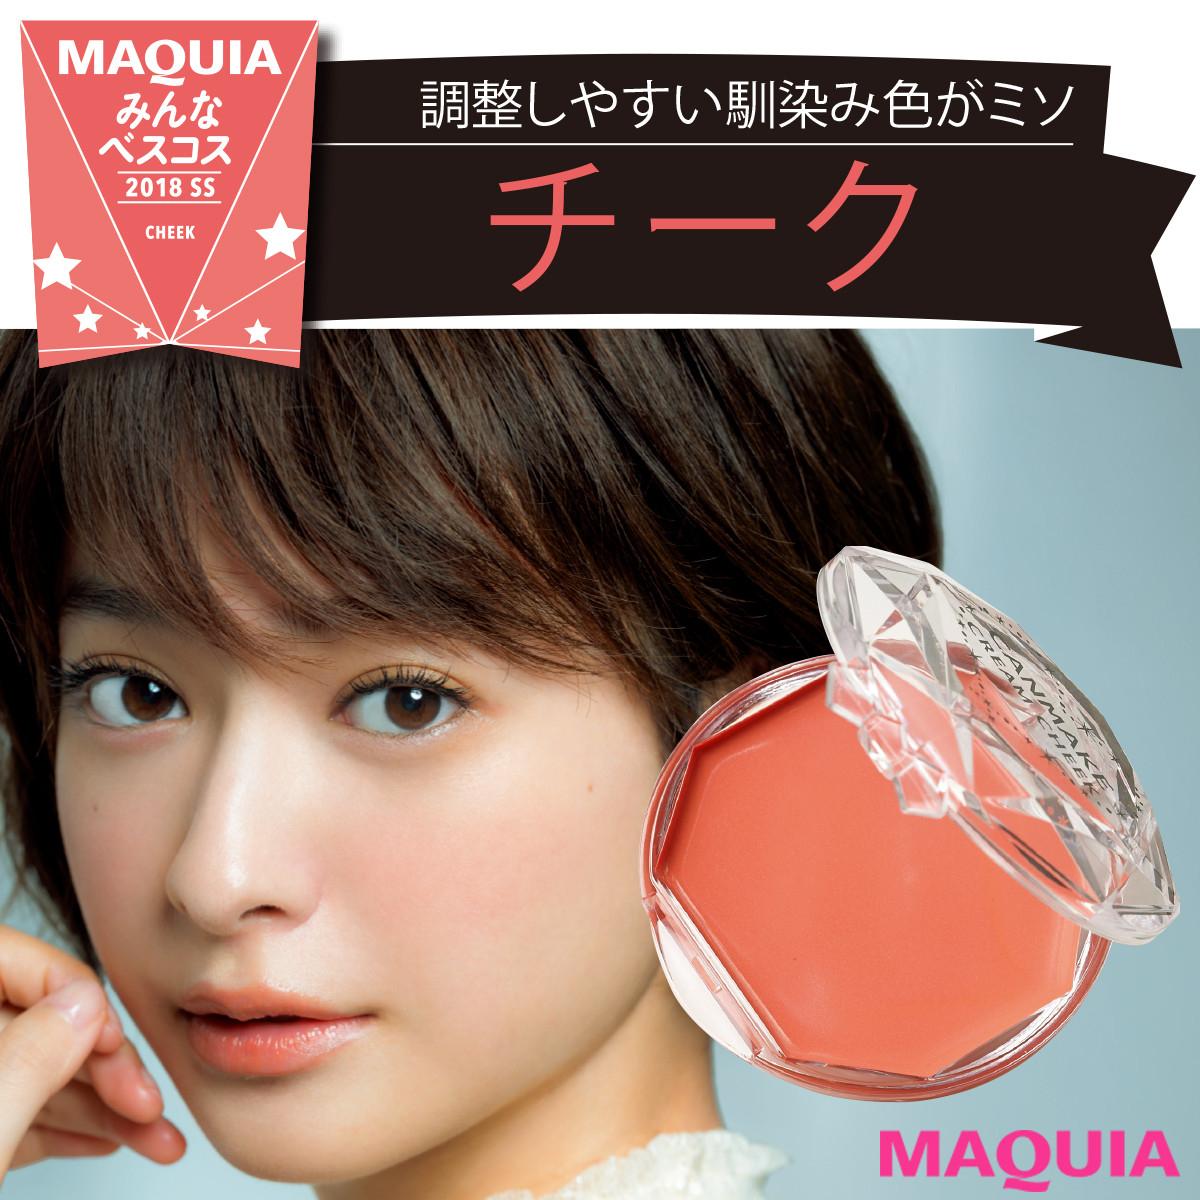 ¥580のプチプラとは思えない伸びの良さと発色が高評価! ベストチーク5選を発表